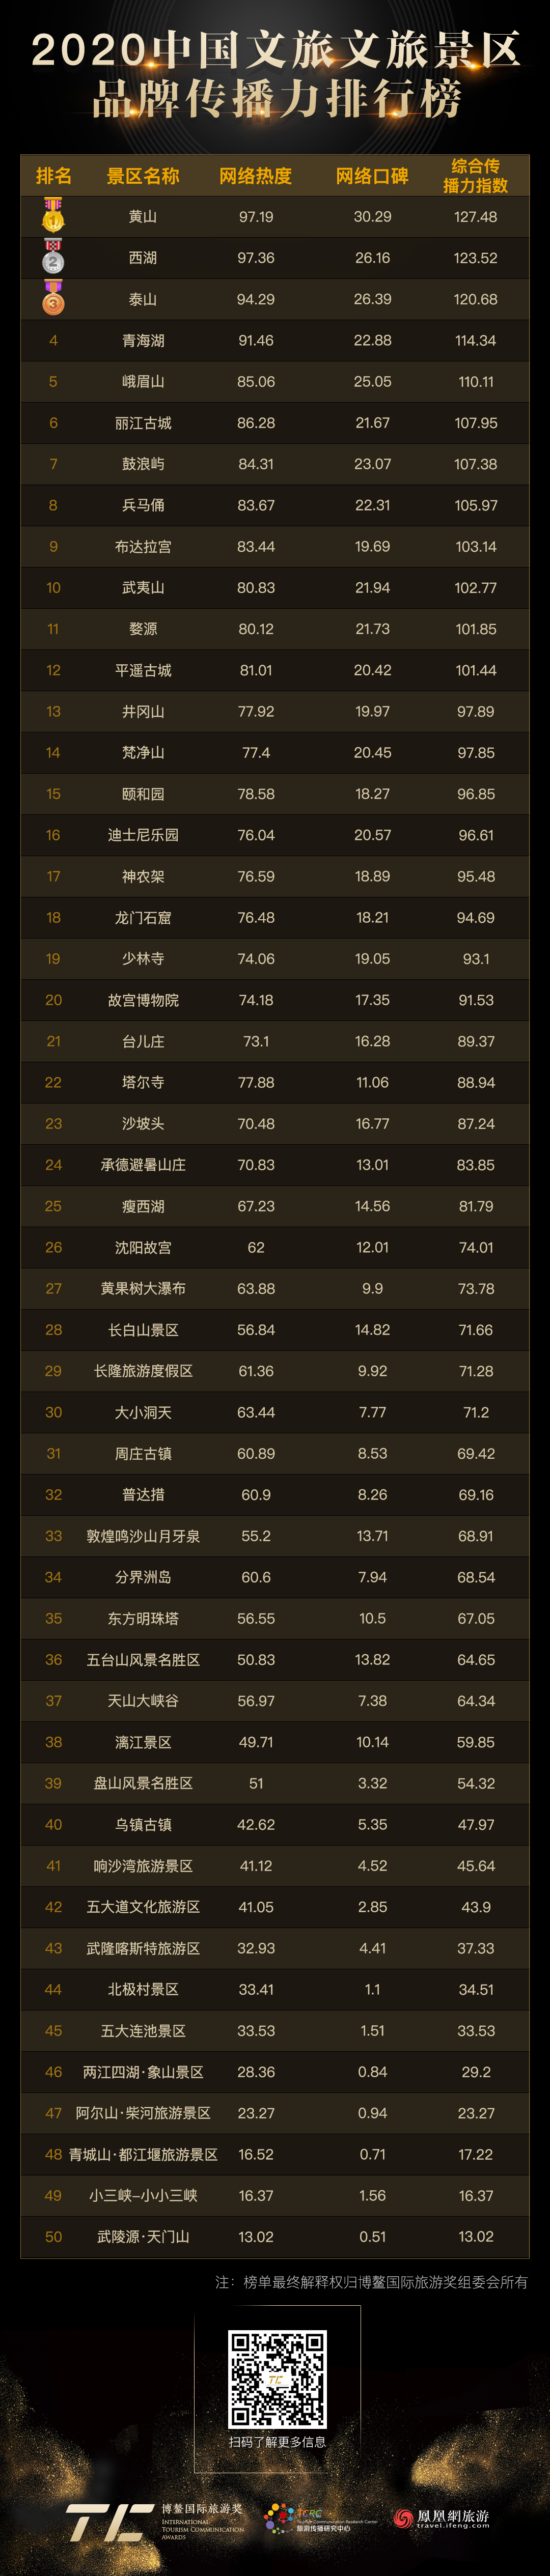 博鳌国际旅游奖发布首份中国文旅品牌传播指数报告